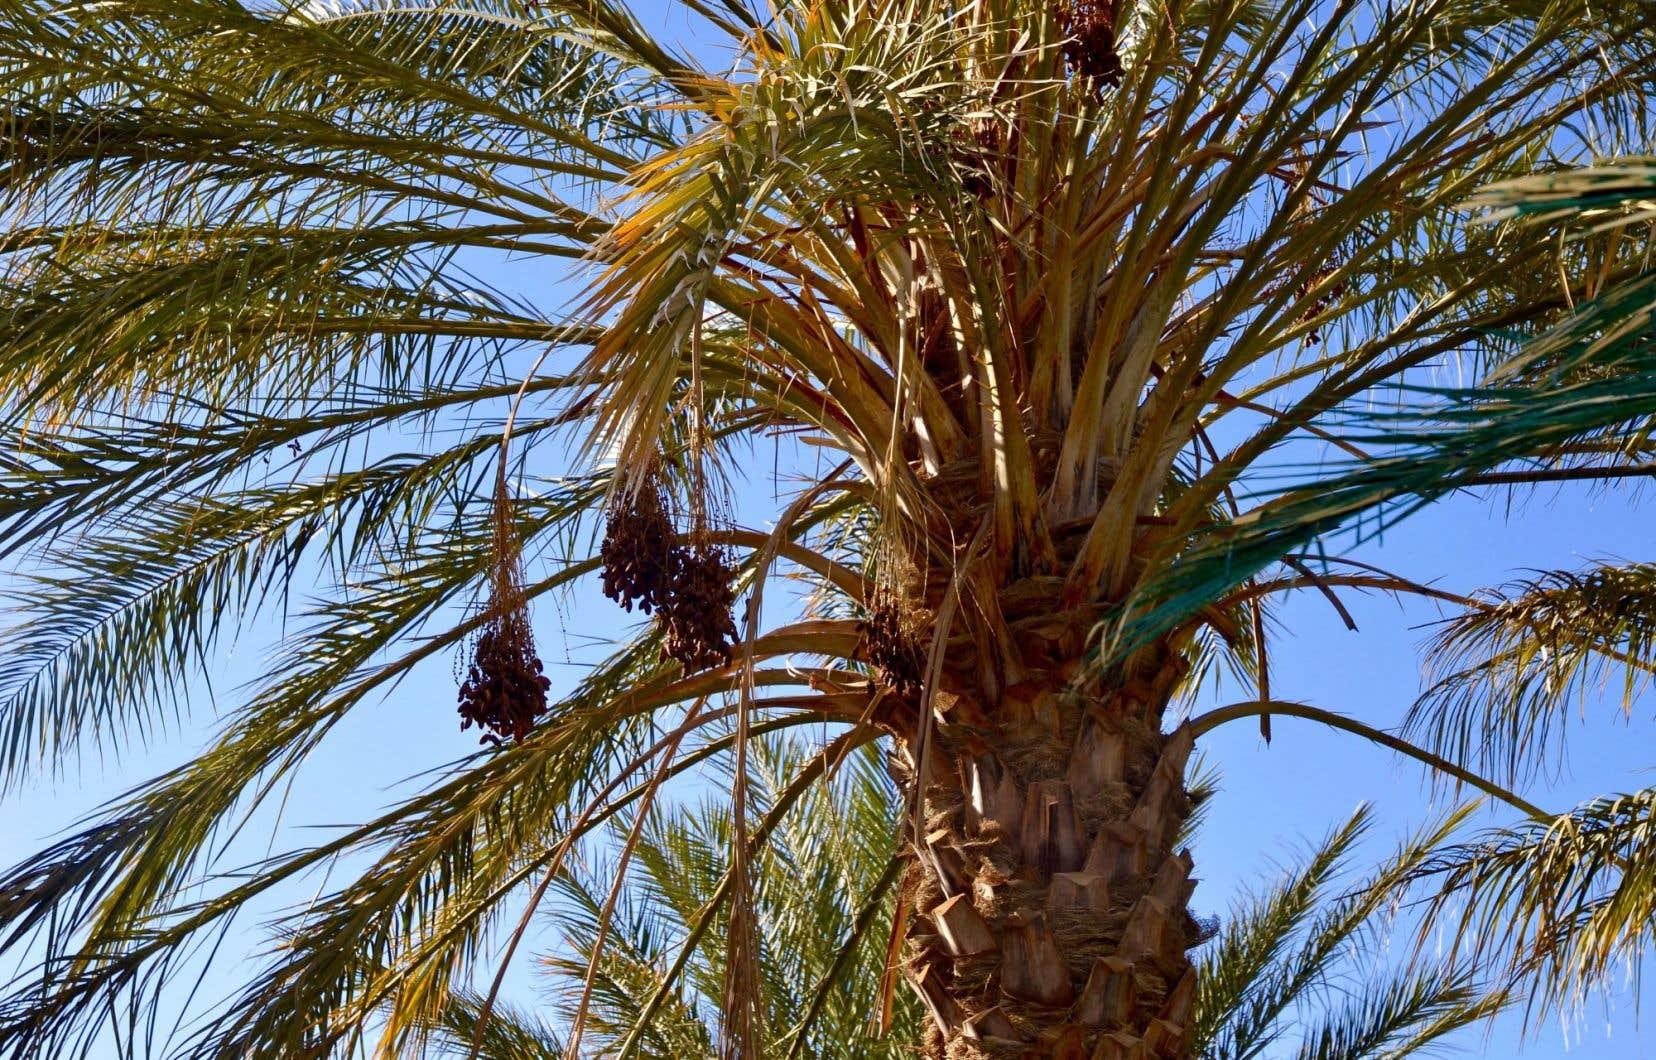 Un palmier-dattier dans la palmeraie de Tozeur, où se trouve la maison d'hôtes Dar Horchani.